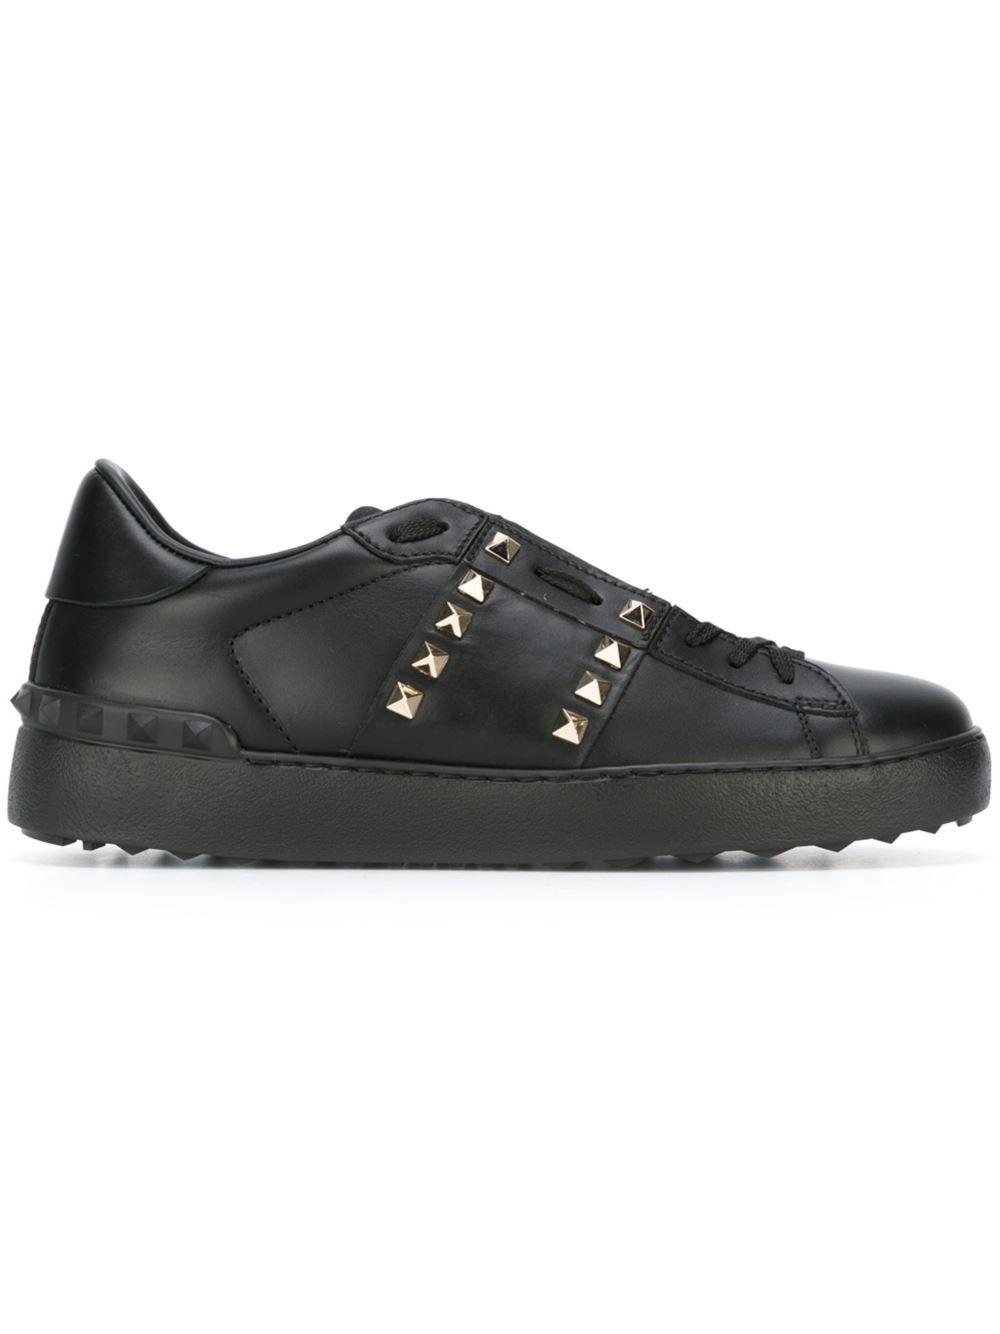 Chaussures De Sport Noir Avec Clous Valentino Hz67fqY3x5